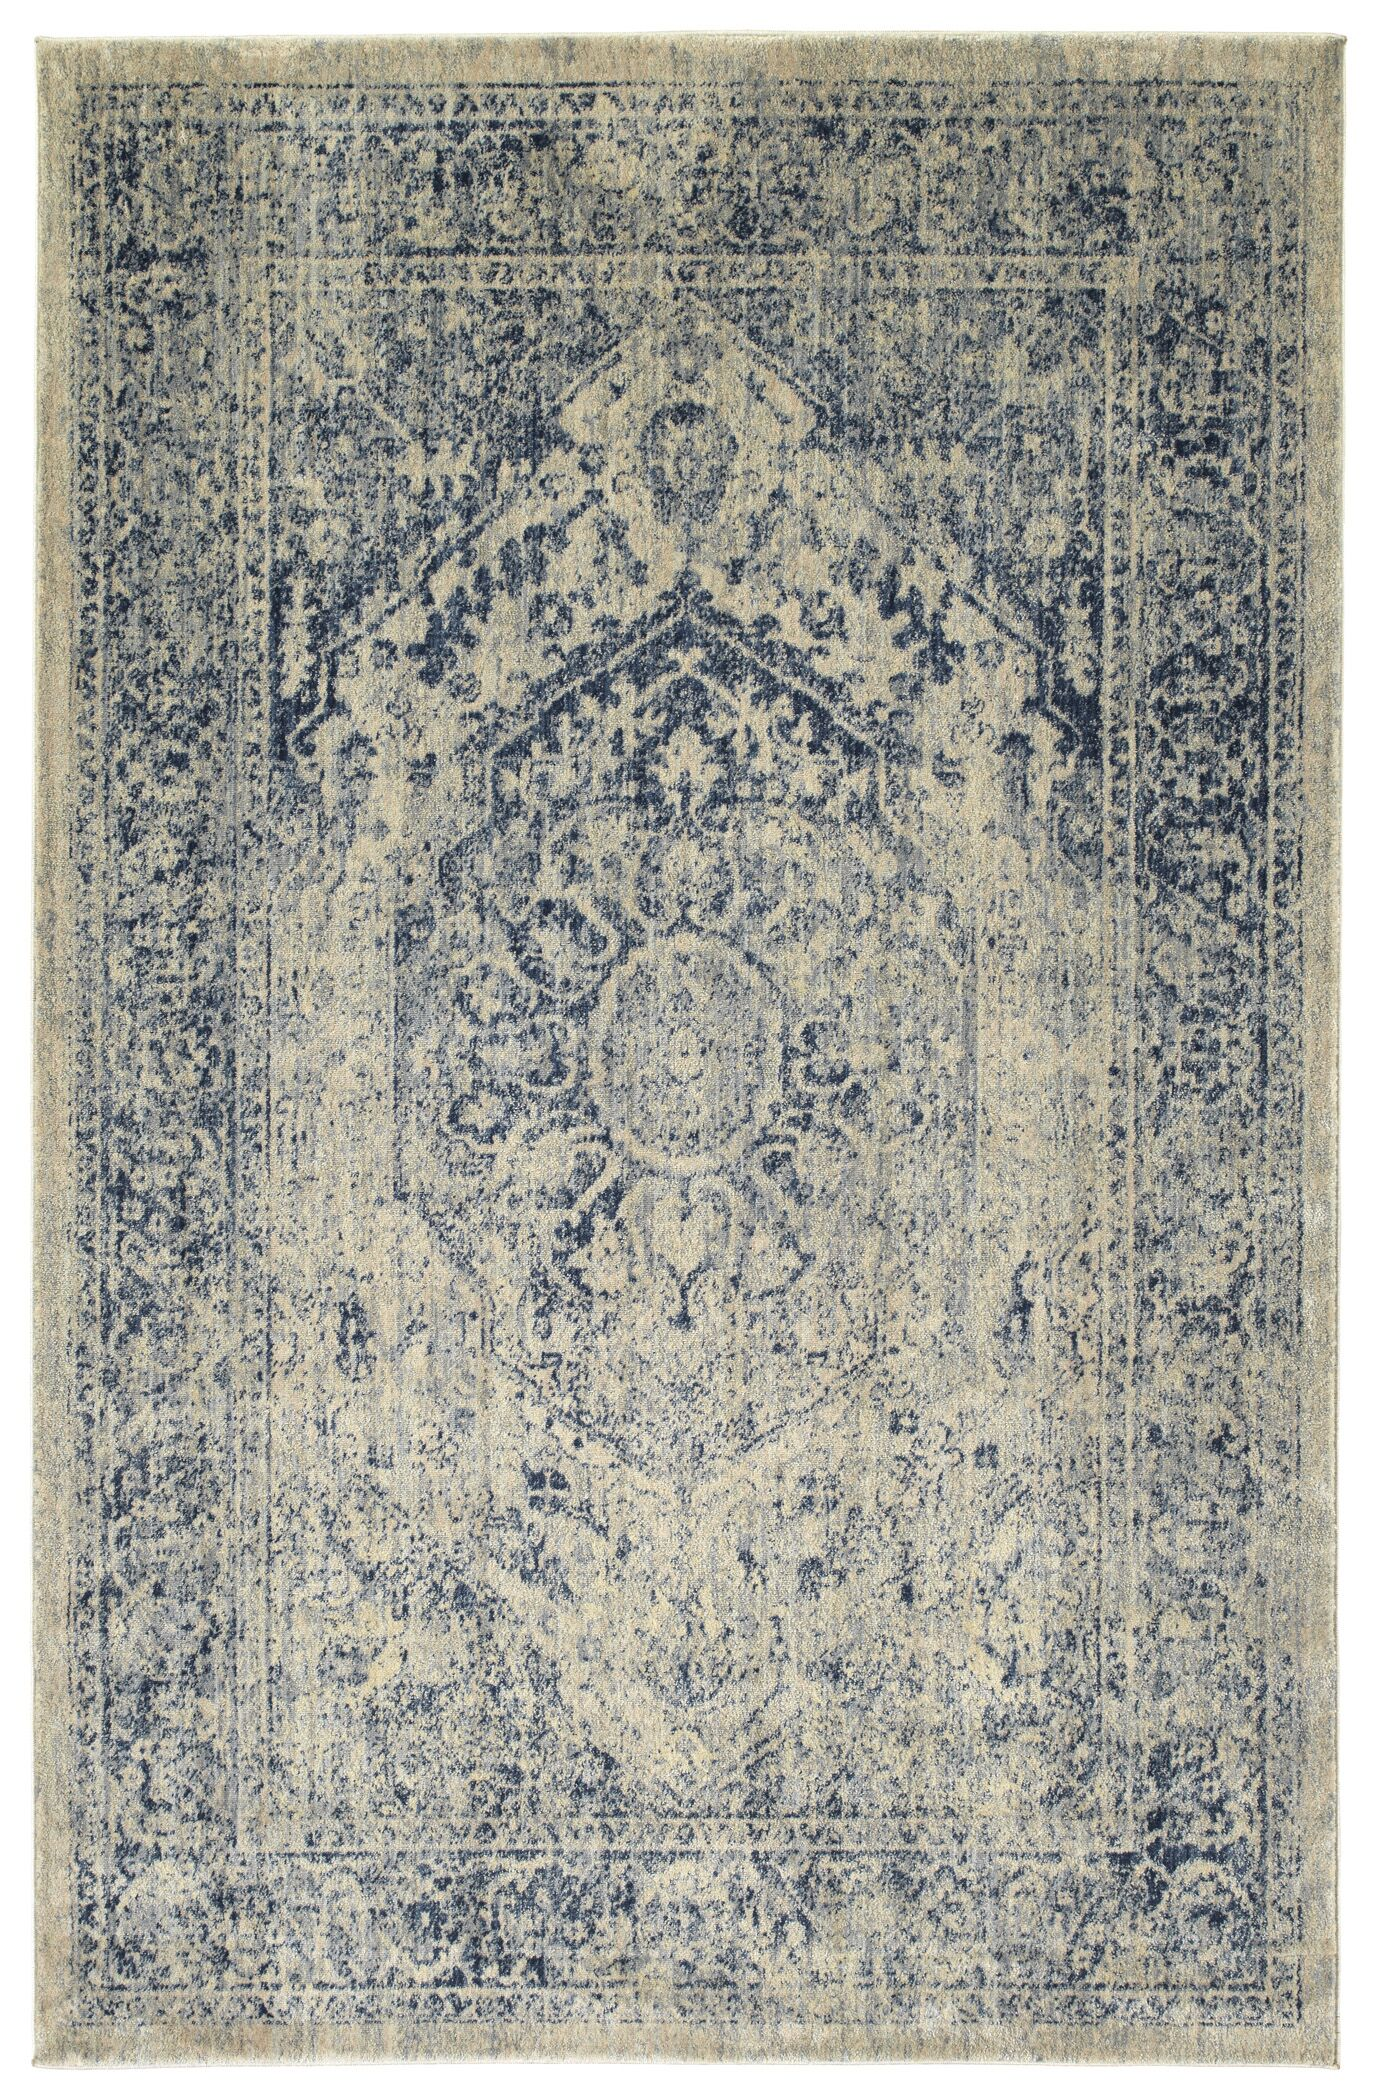 Jada Oriental Denim/Linen Area Rug Rug Size: Runner 2'7